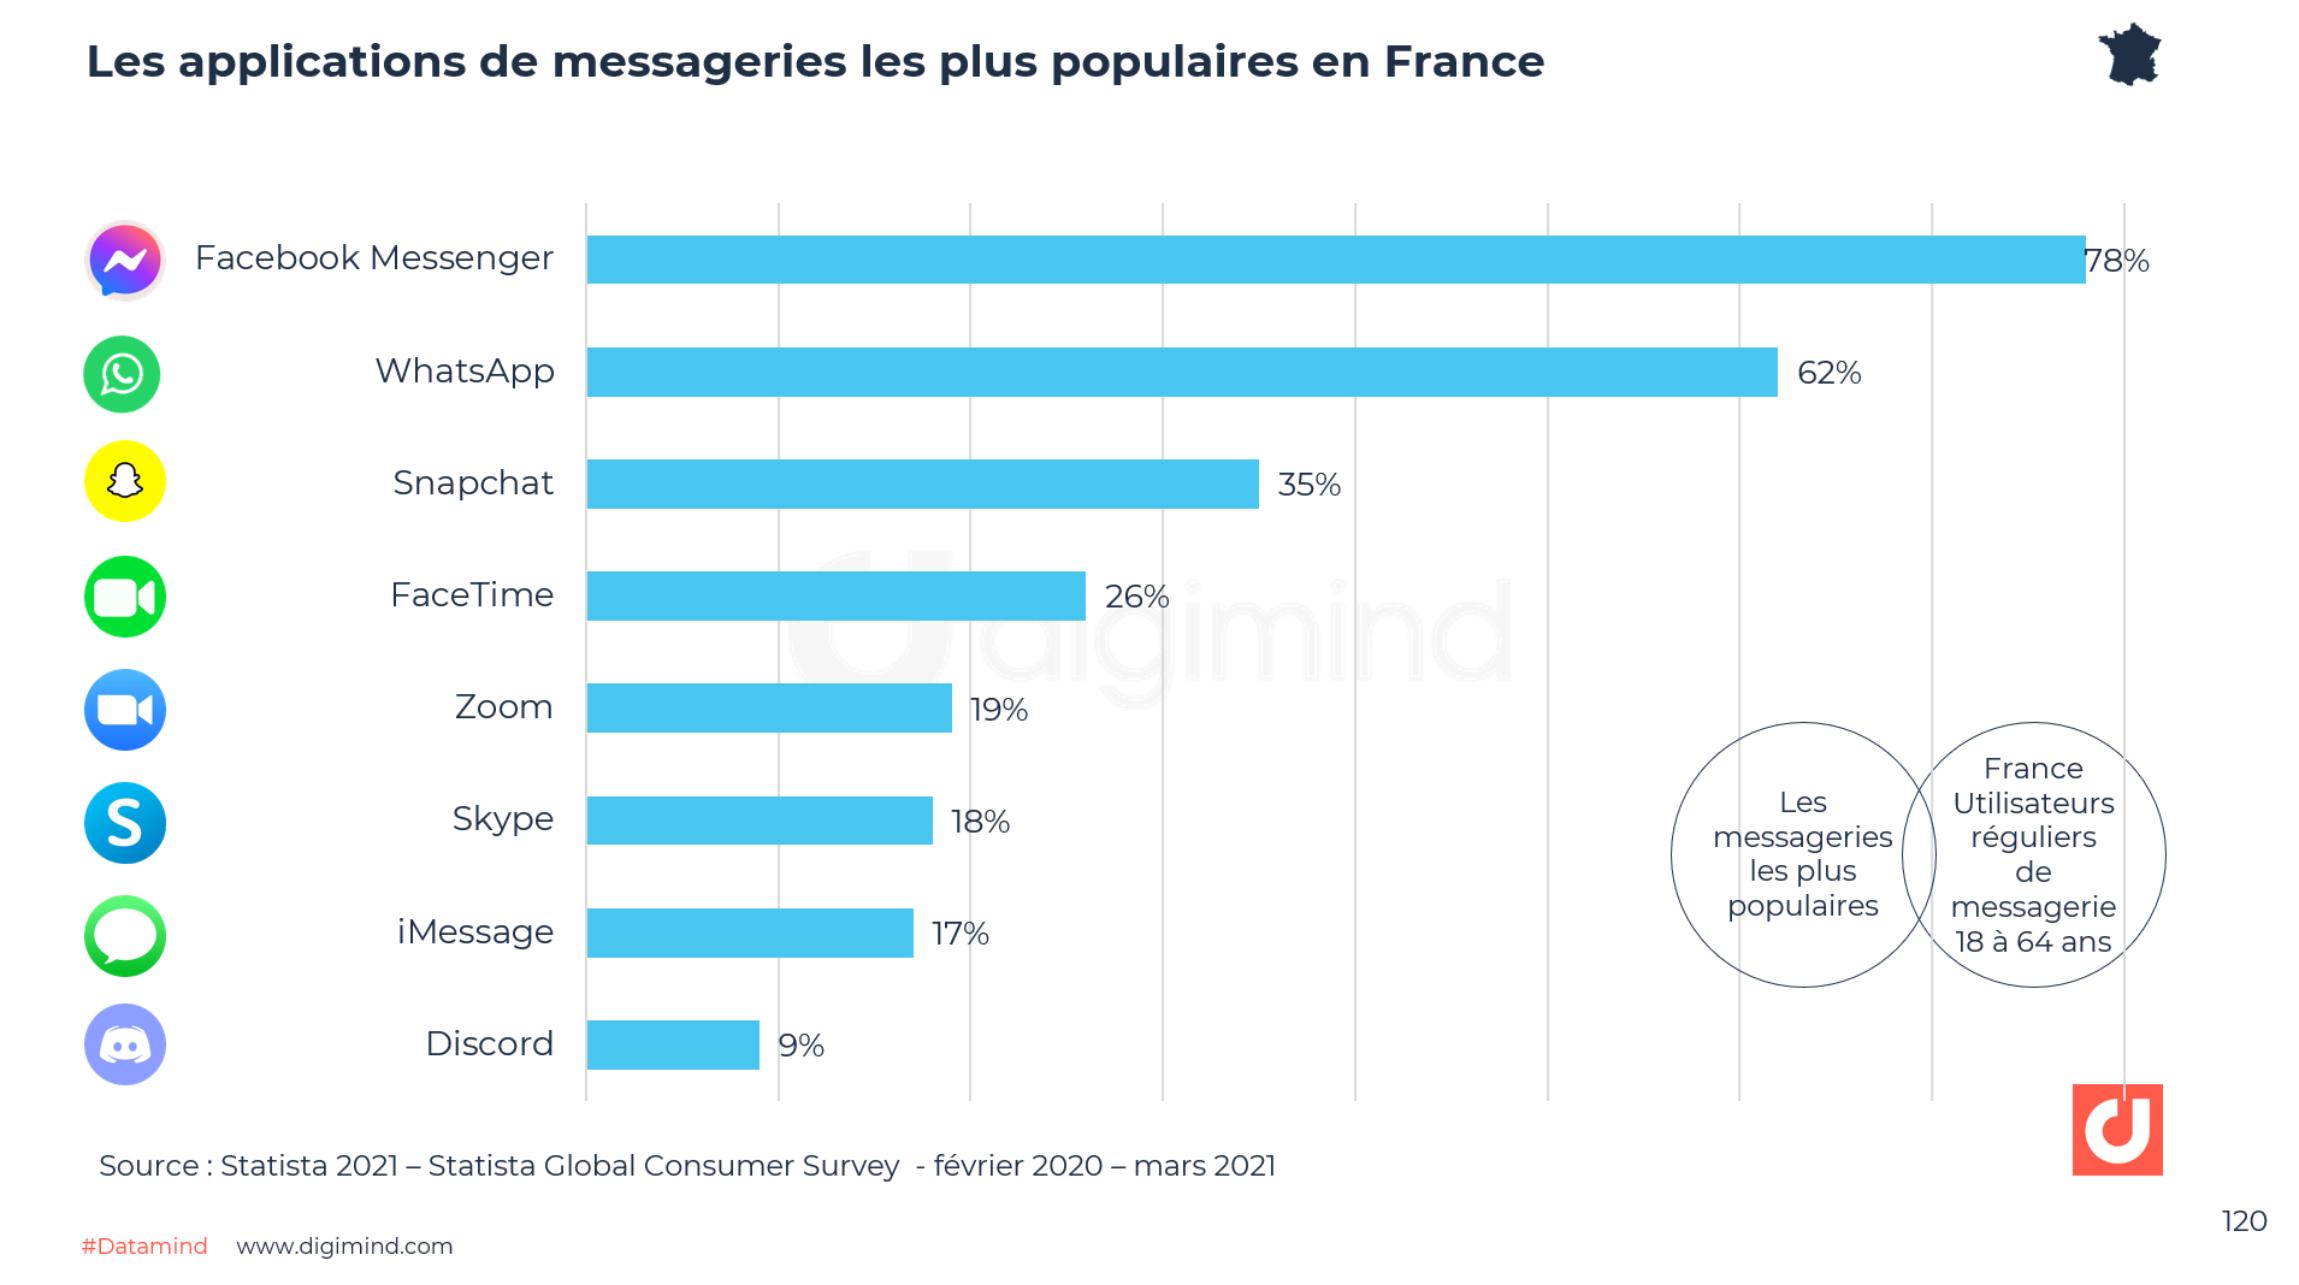 Les applications de messageries les plus populaires en France.